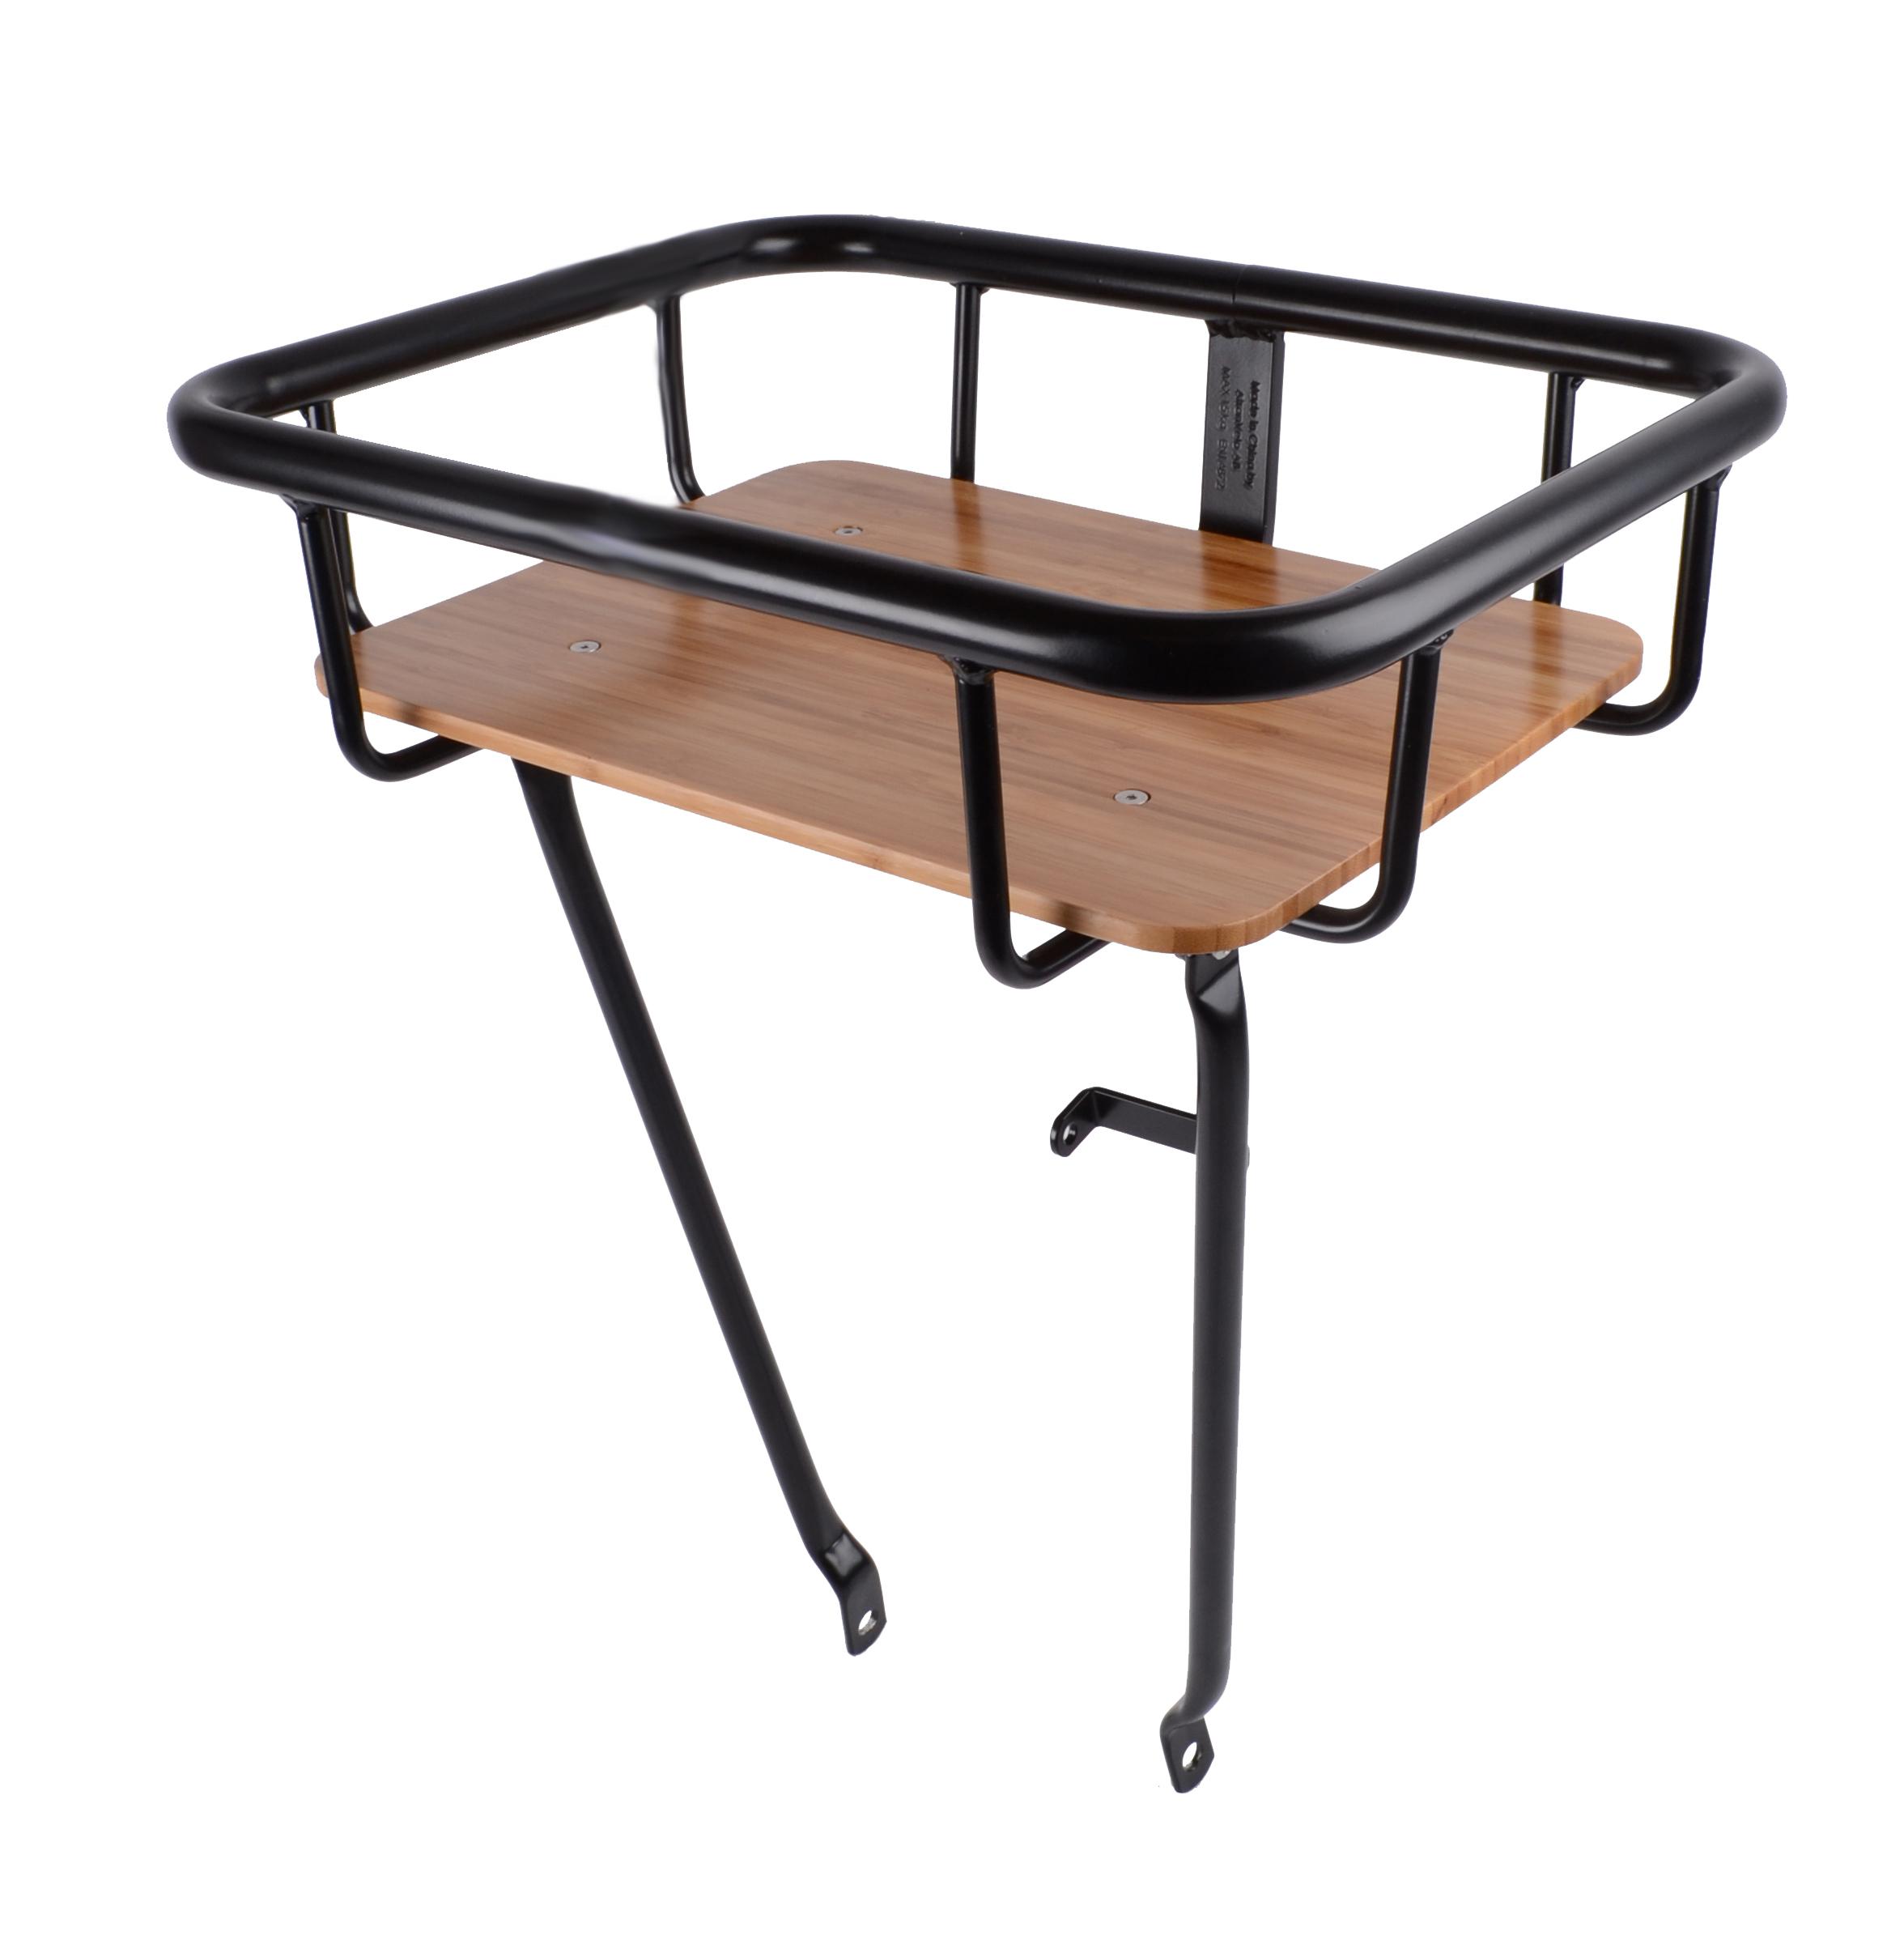 Atran Cargo Jumbo Basket - Forbagagebærer med træbund - Sort   Rear rack